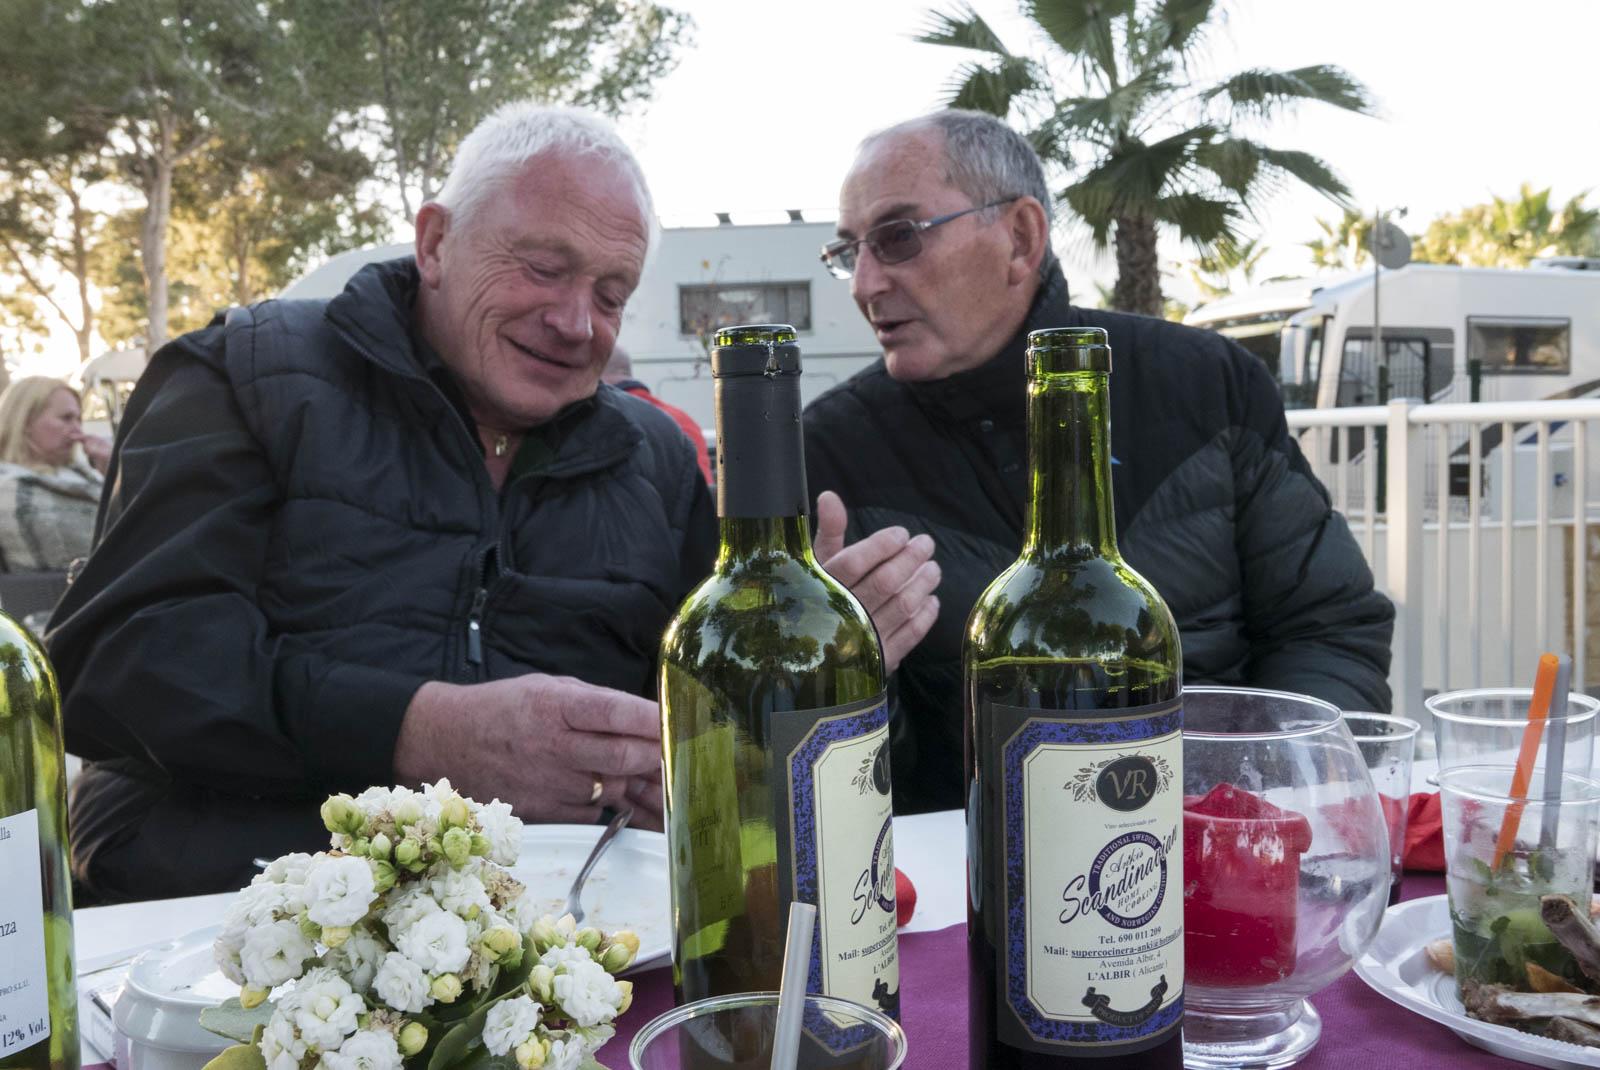 Harald og Sigmund forteller røverhistorier til hverandre